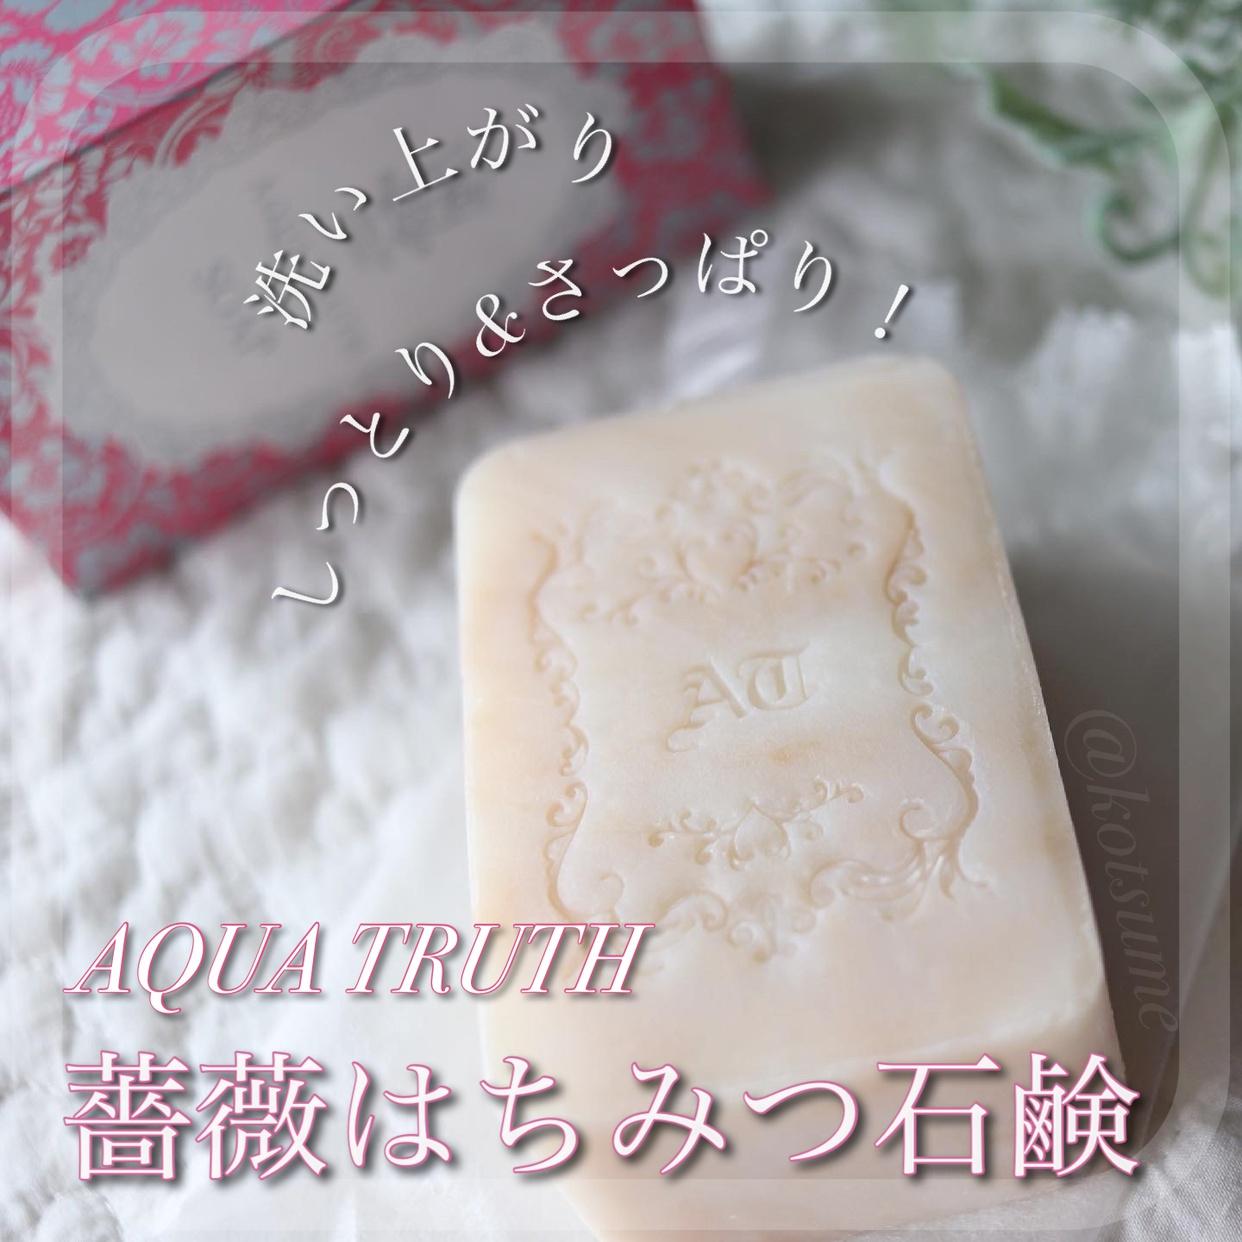 麗凍化粧品(Reitou Cosme) 薔薇はちみつ石鹸を使ったコツメさんのクチコミ画像1